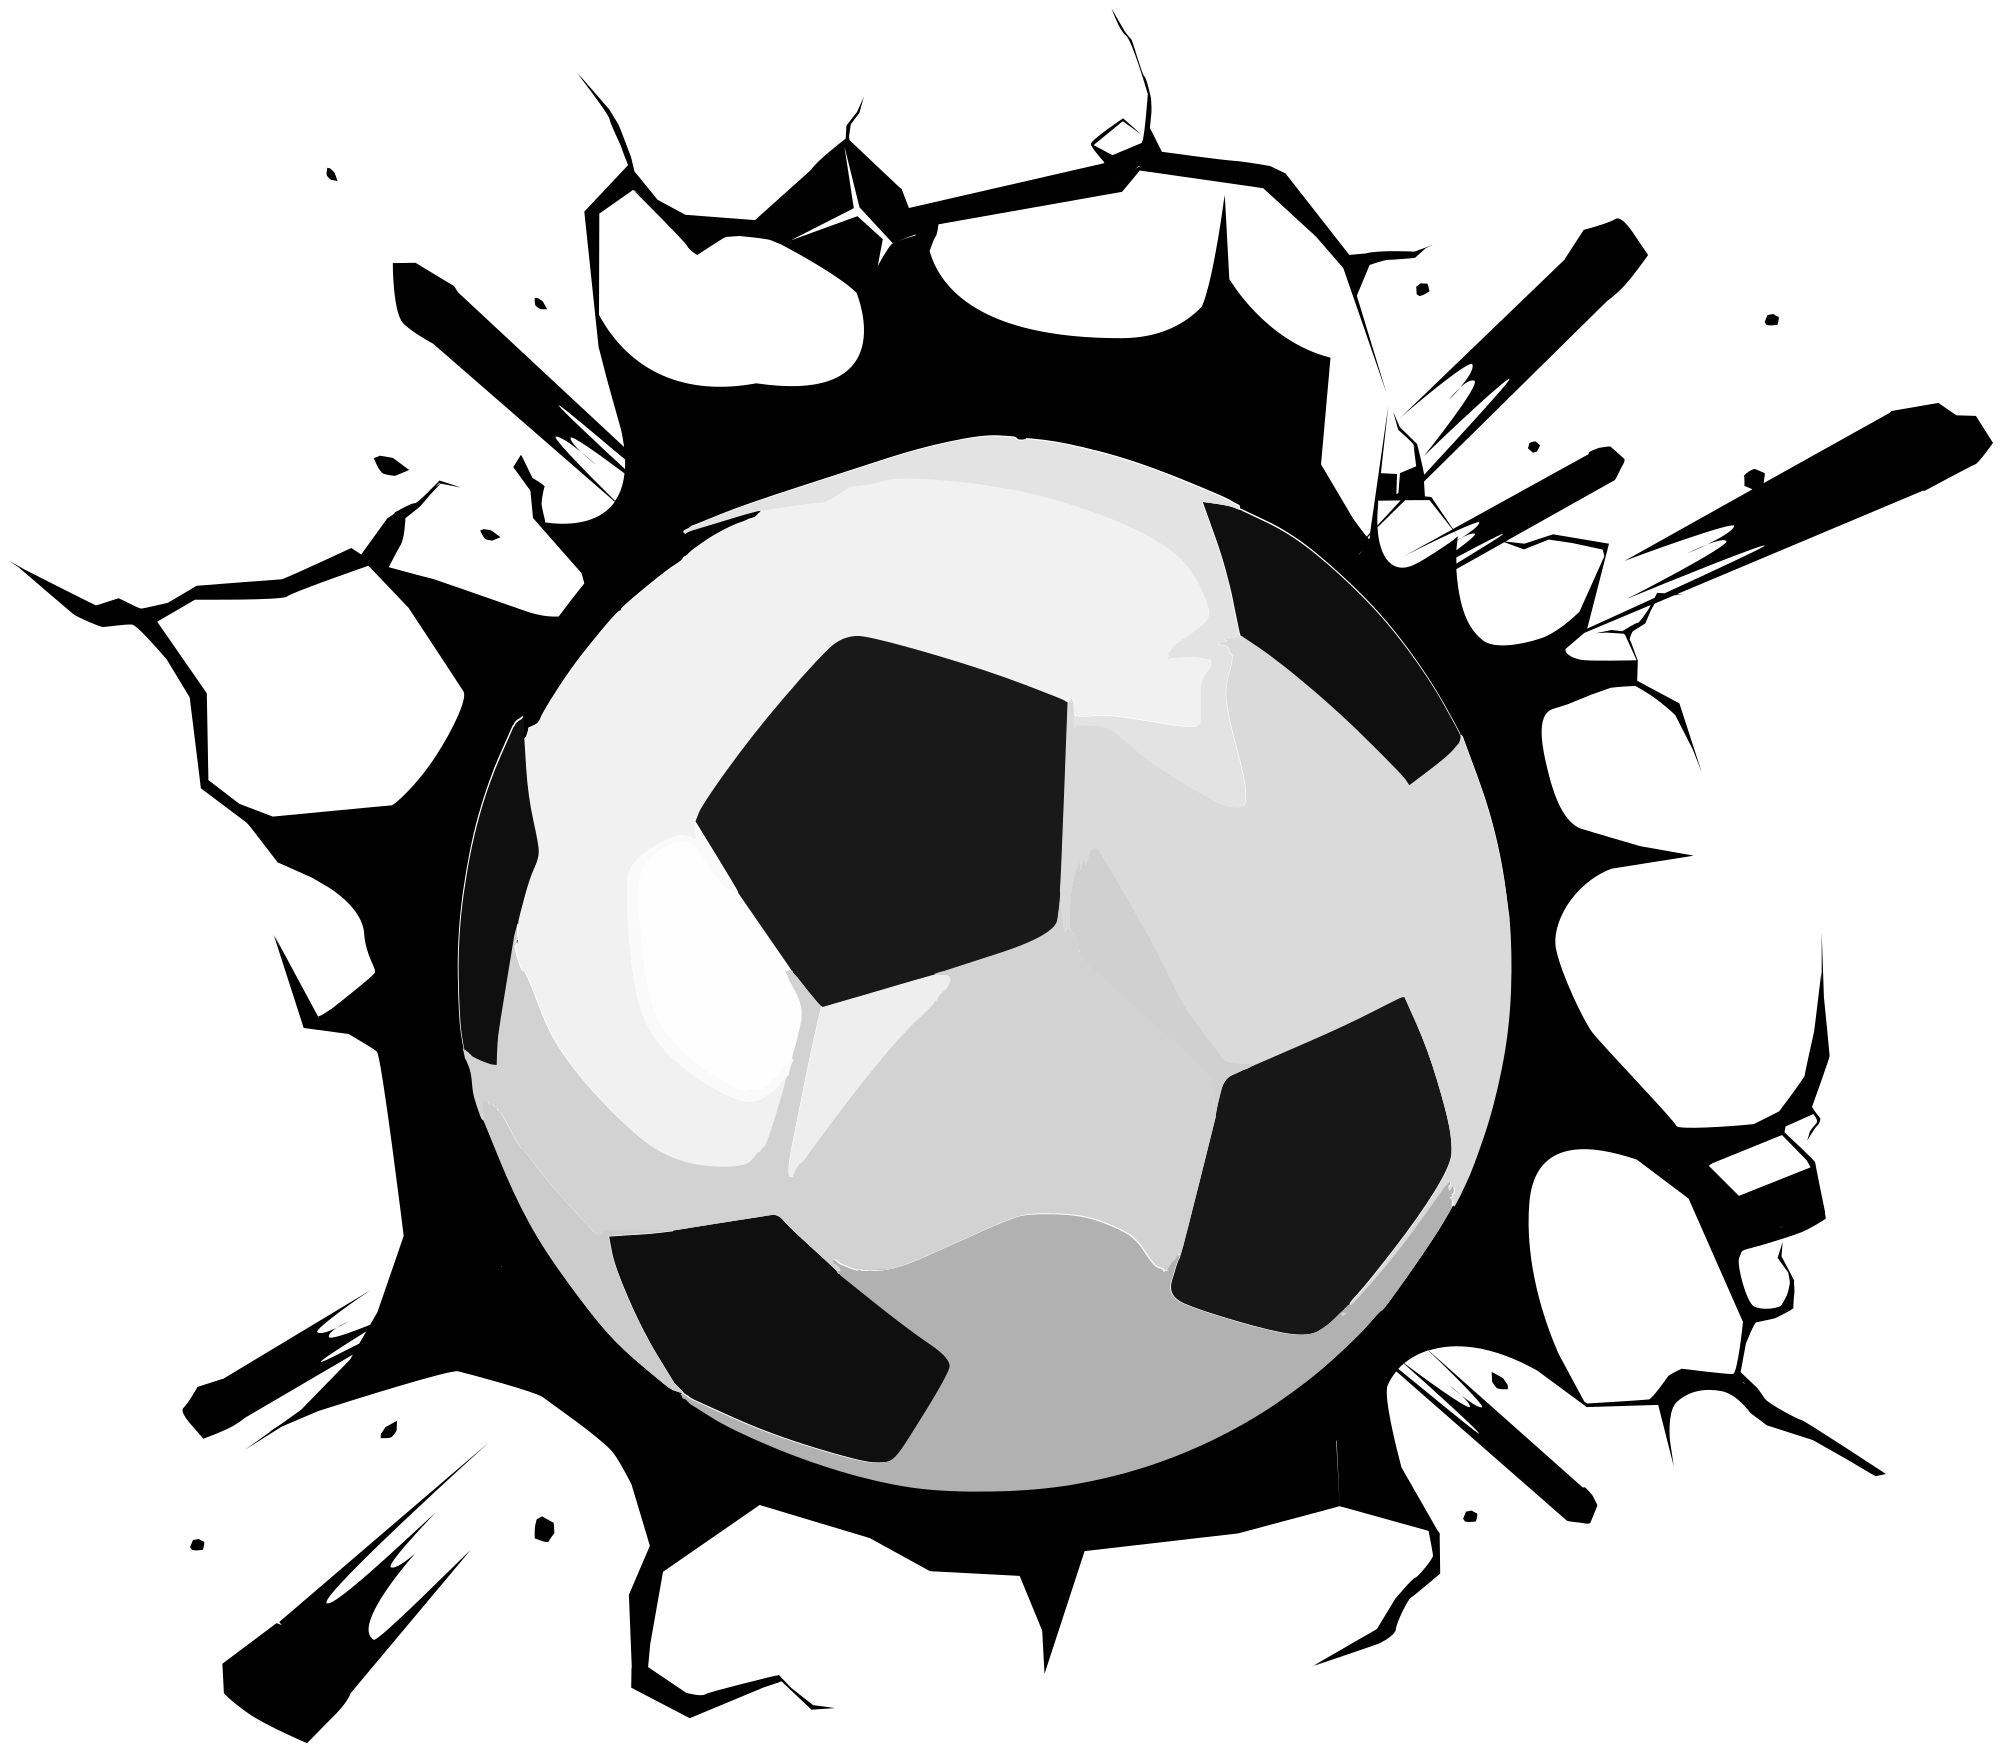 TENSTICKERS. 壁のサッカーデカールをボール. 平らな面のための素敵なサッカースポーツステッカーの装飾で、壁、ドア、窓、家具に装飾されています。簡単に適用できます。